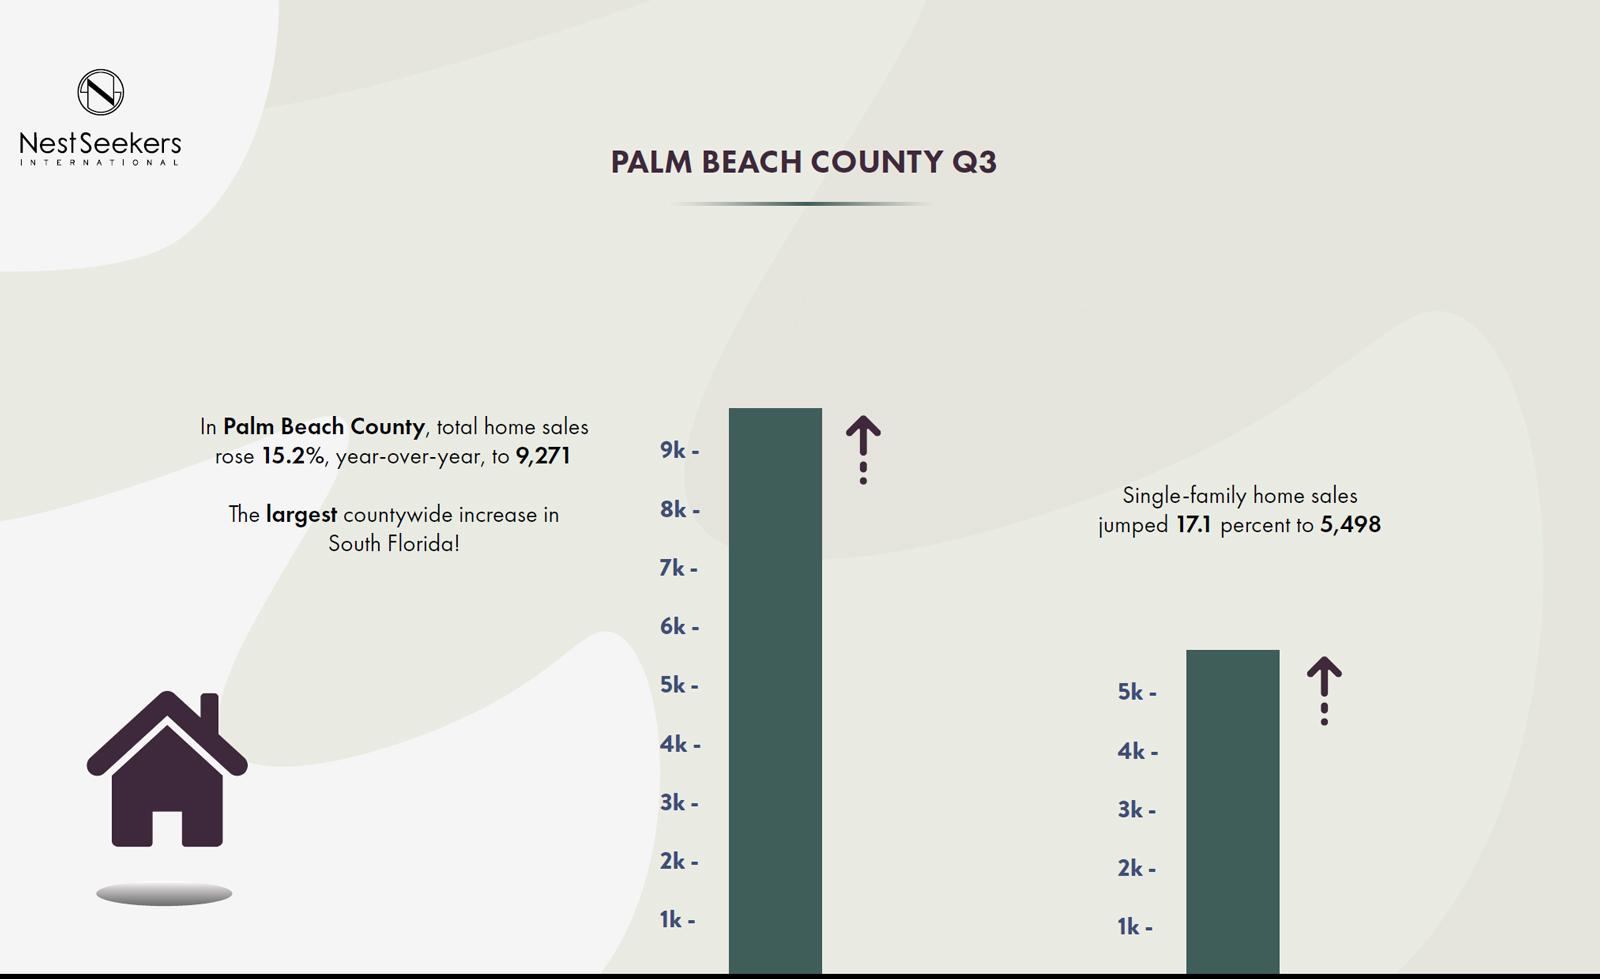 Palm-Beach-2021-home-sales-report,-Palm-Beach-County,-Q3.jpg